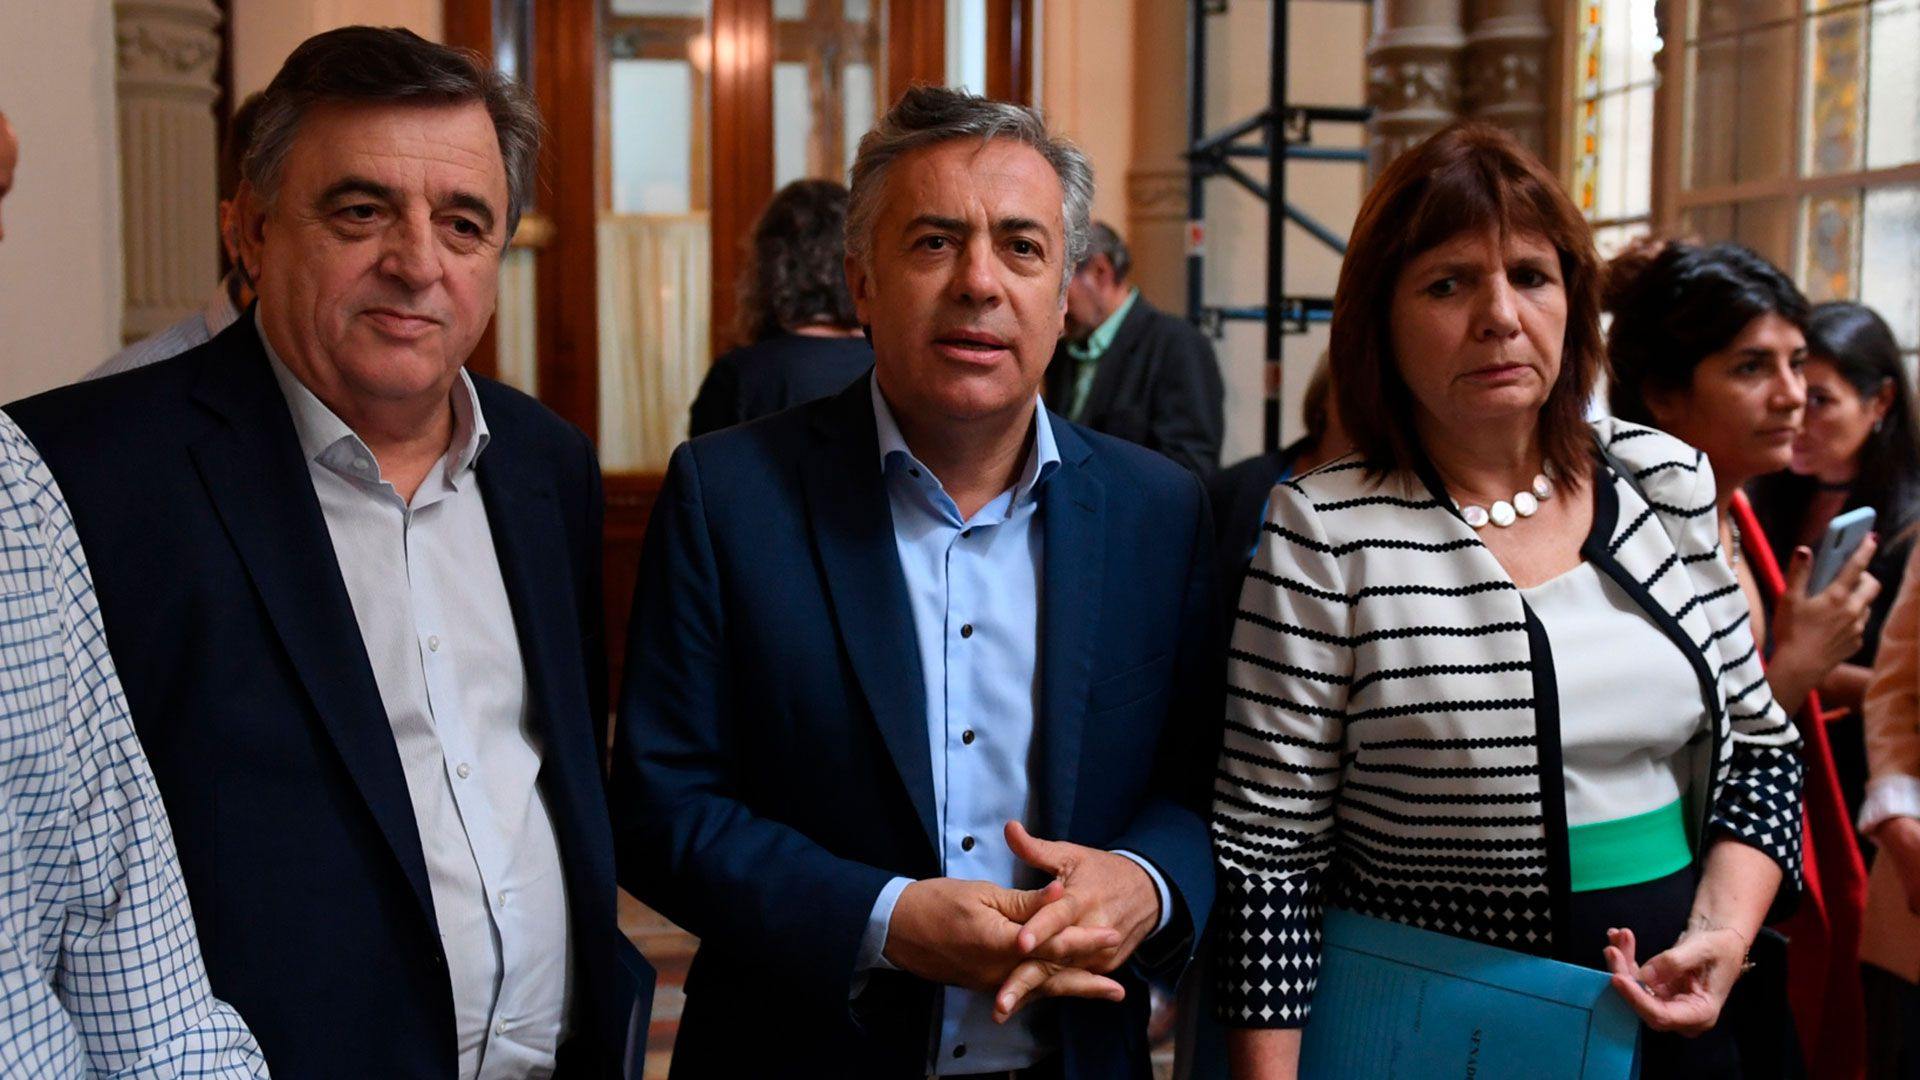 Entre otros dirigentes de la oposición, Negri, Cornejo y Bullrich manifestaron su repudio a la iniciativa (Maximiliano Luna).